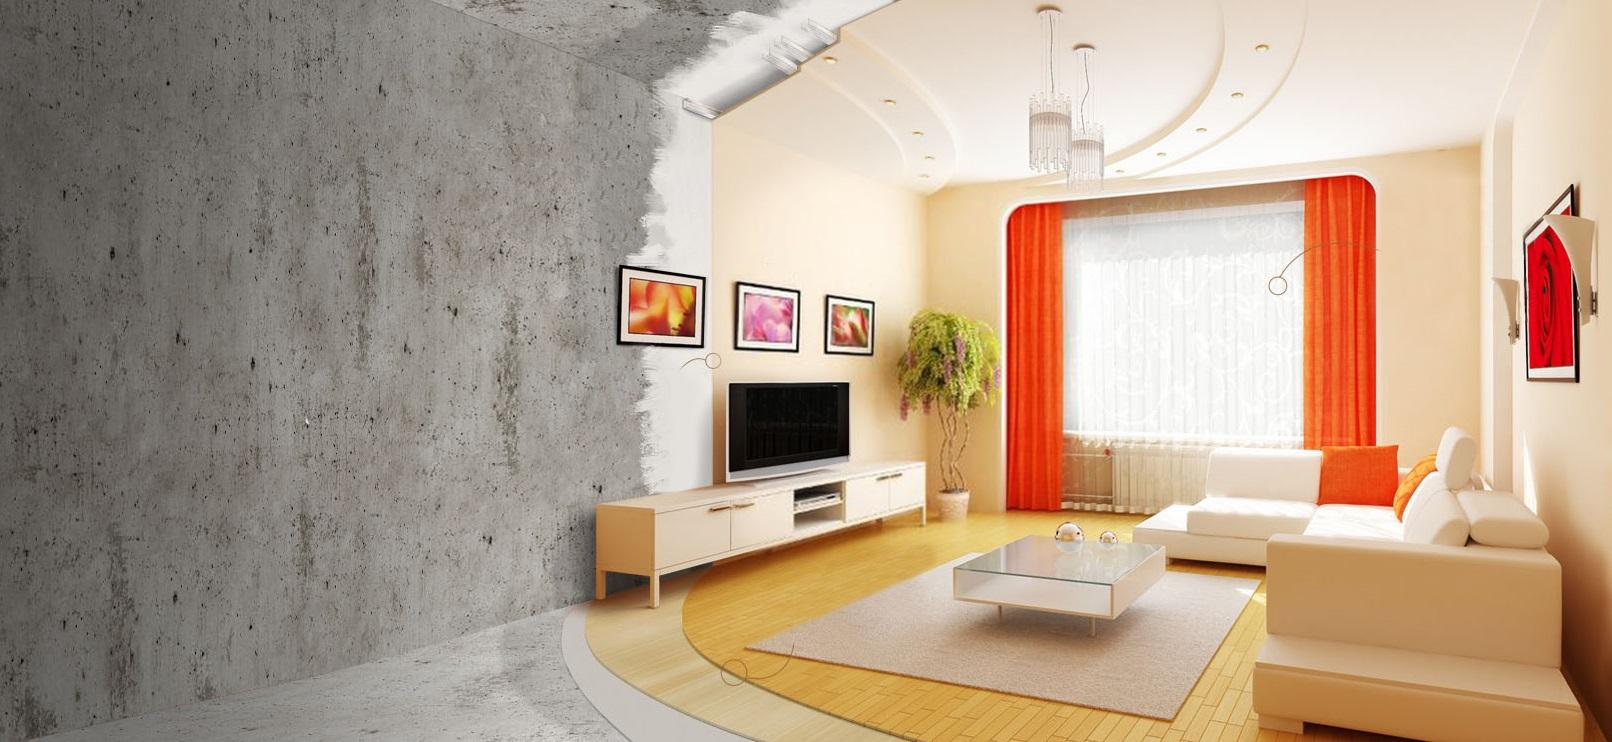 Дизайн в квартире своими руками с фото 184